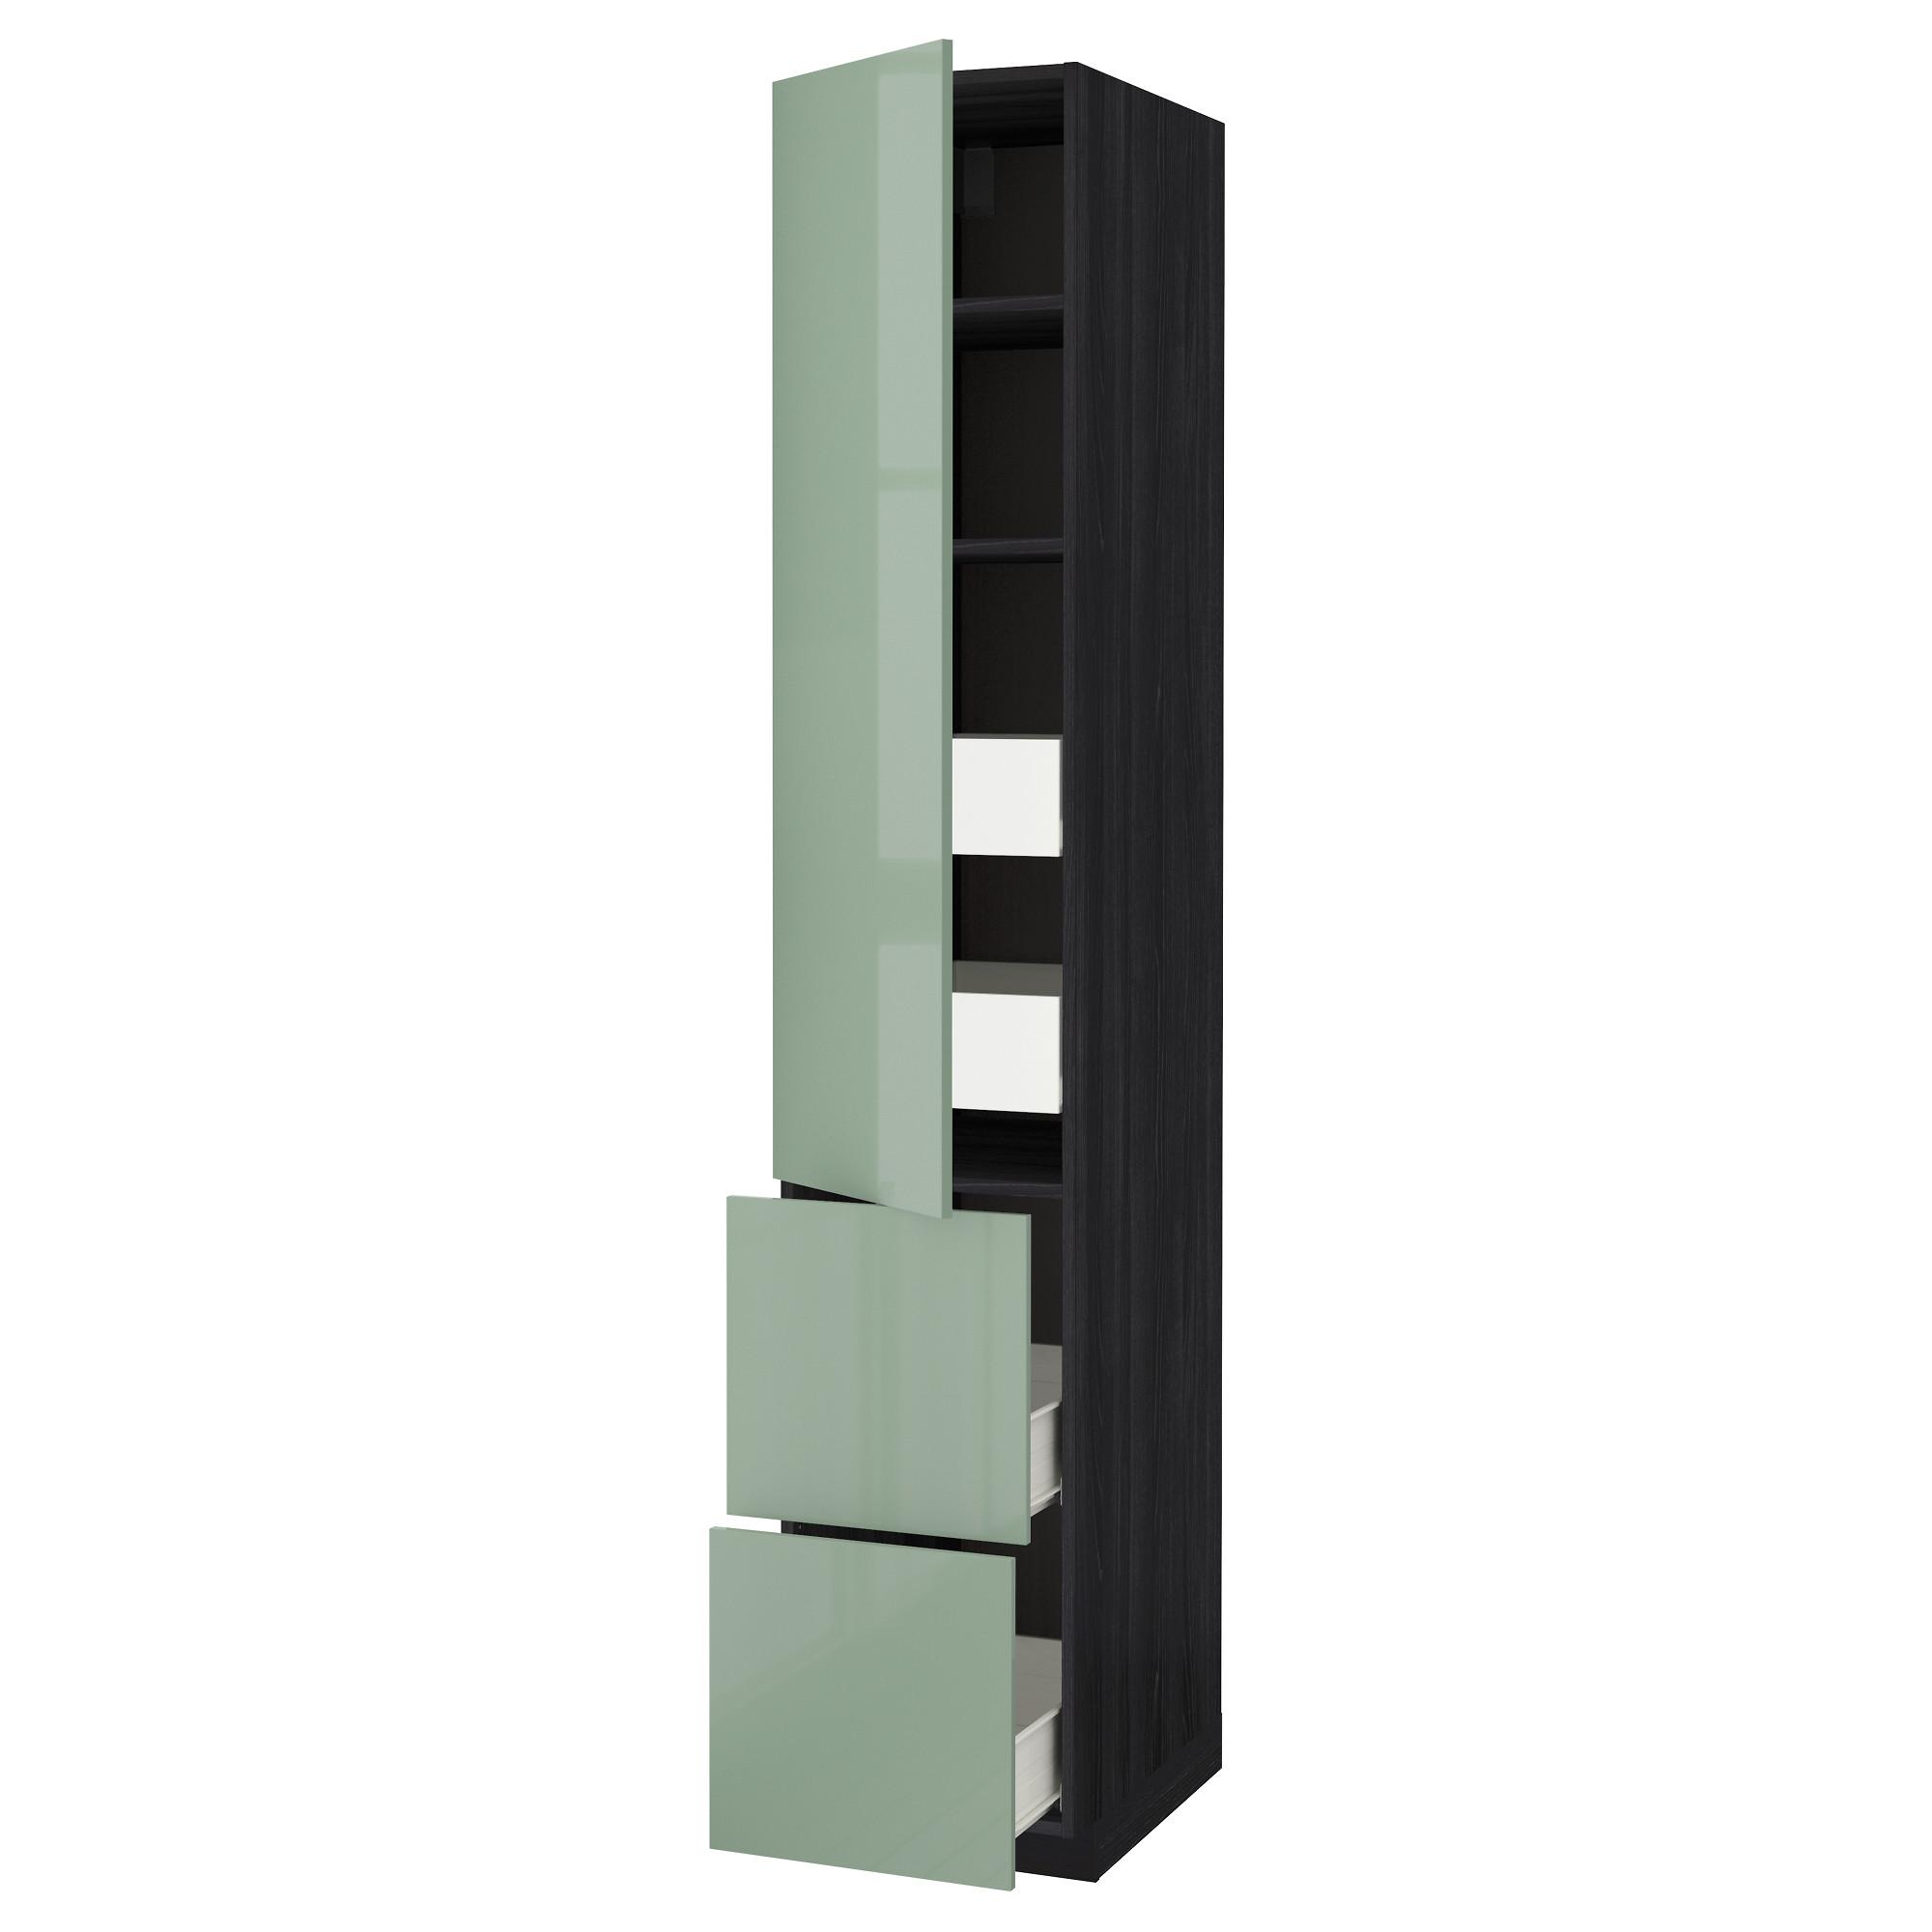 Высокий шкаф + полки, 4 ящика, 2 дверцы МЕТОД / ФОРВАРА черный артикуль № 292.657.64 в наличии. Online сайт IKEA Беларусь. Недорогая доставка и установка.